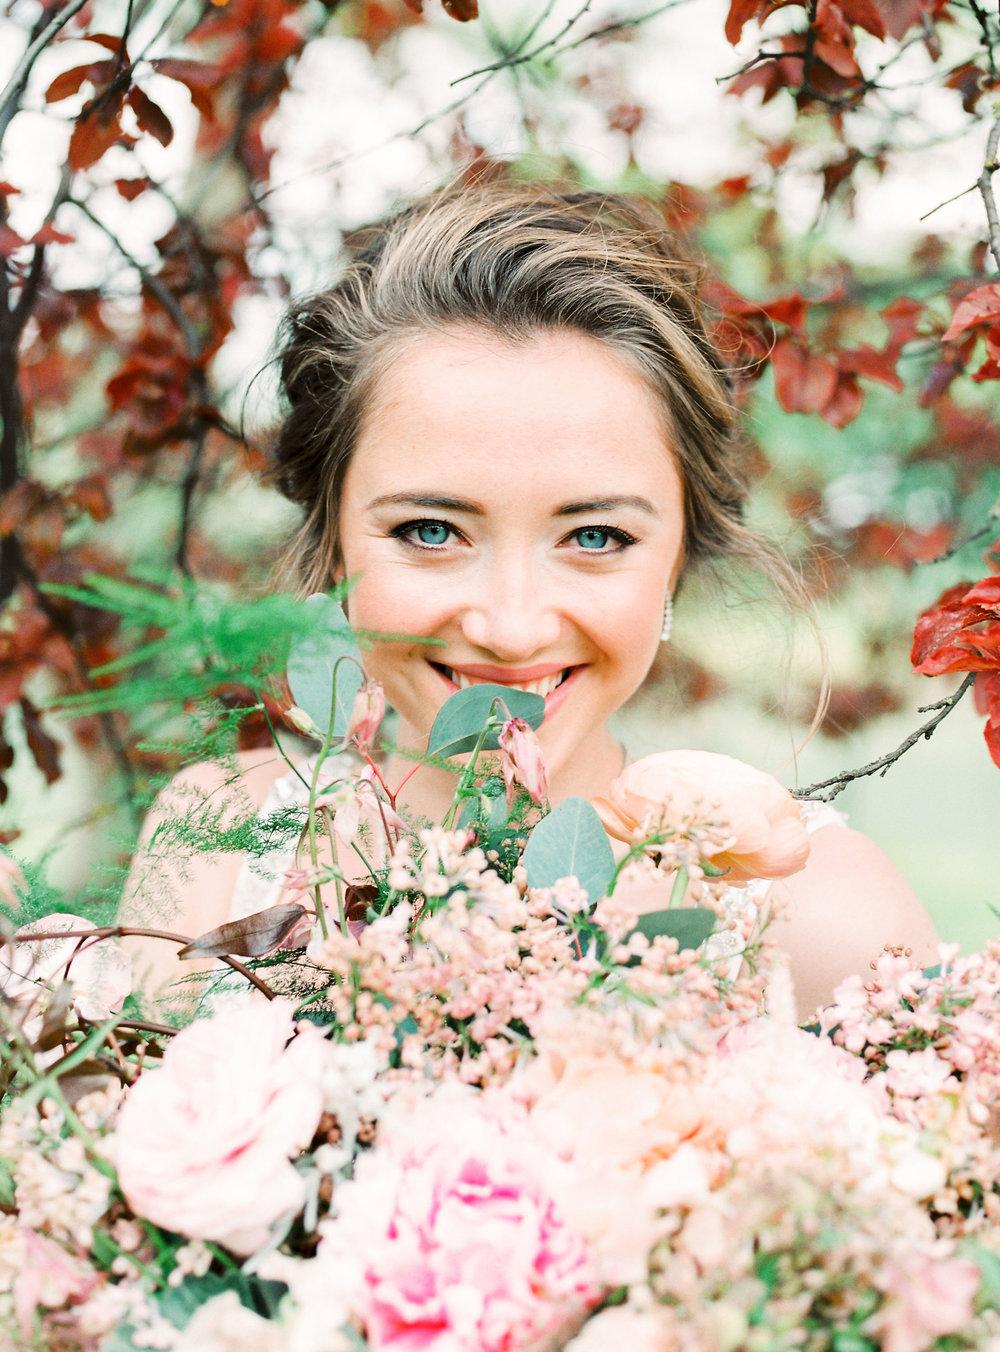 AmyO'BoylePhotography-NatalieHewittShoot-134.jpg